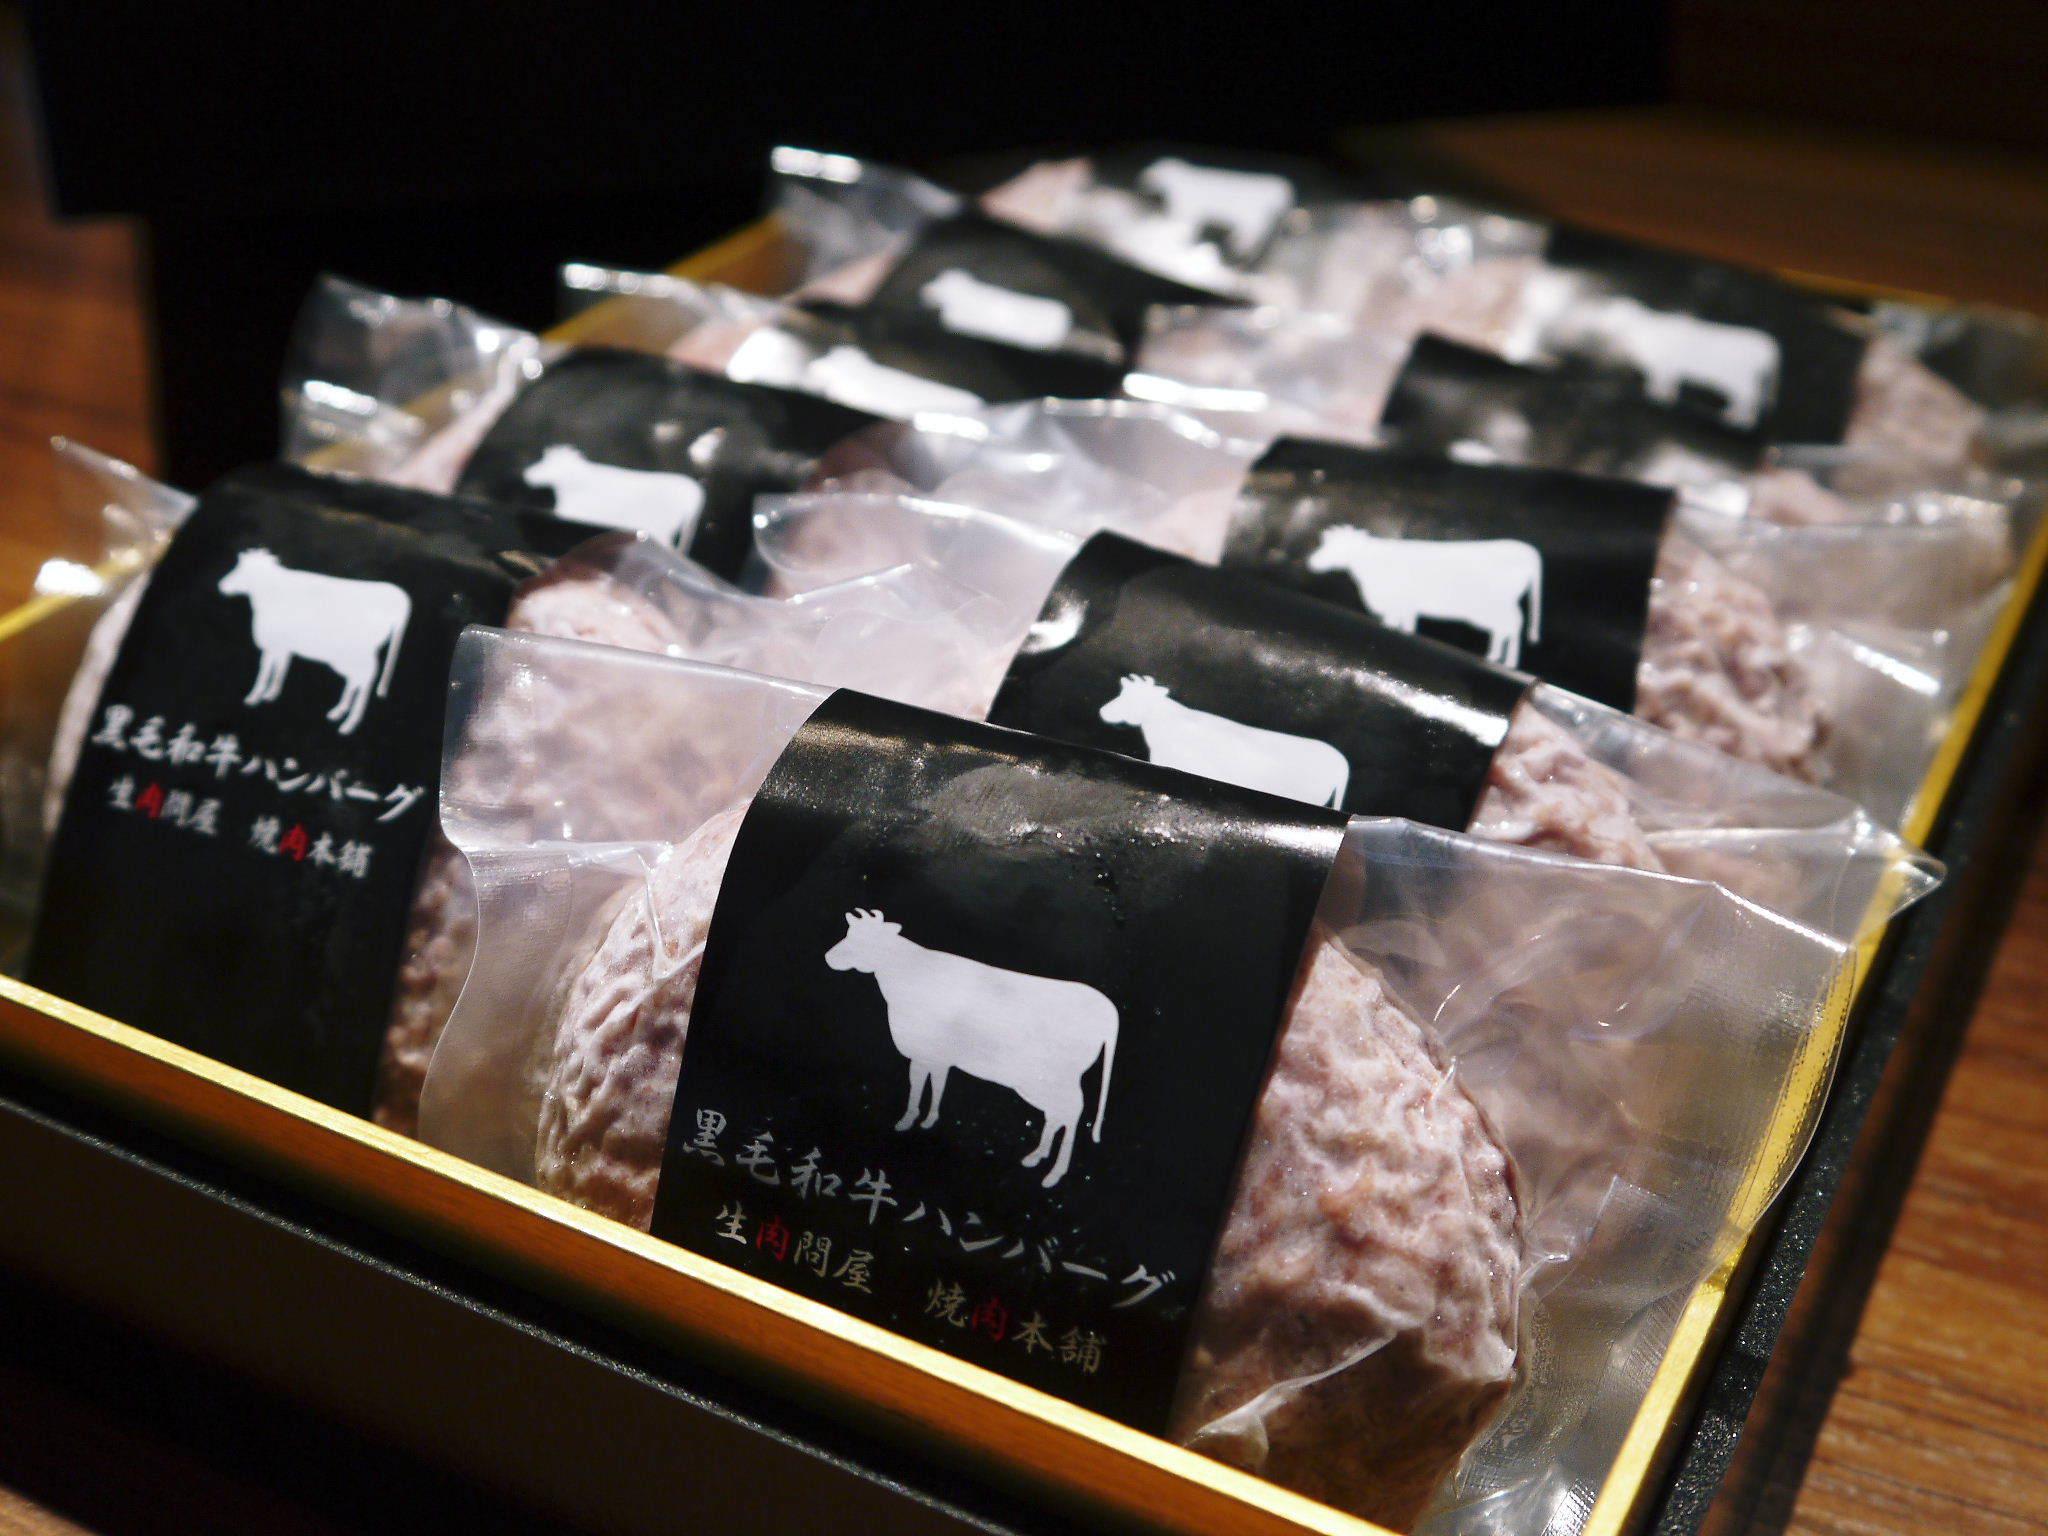 熊本県産A5ランク黒毛和牛100%のハンバーグステーキ!令和2年最終出荷は12月16日(水)残りわずかです_a0254656_18225080.jpg